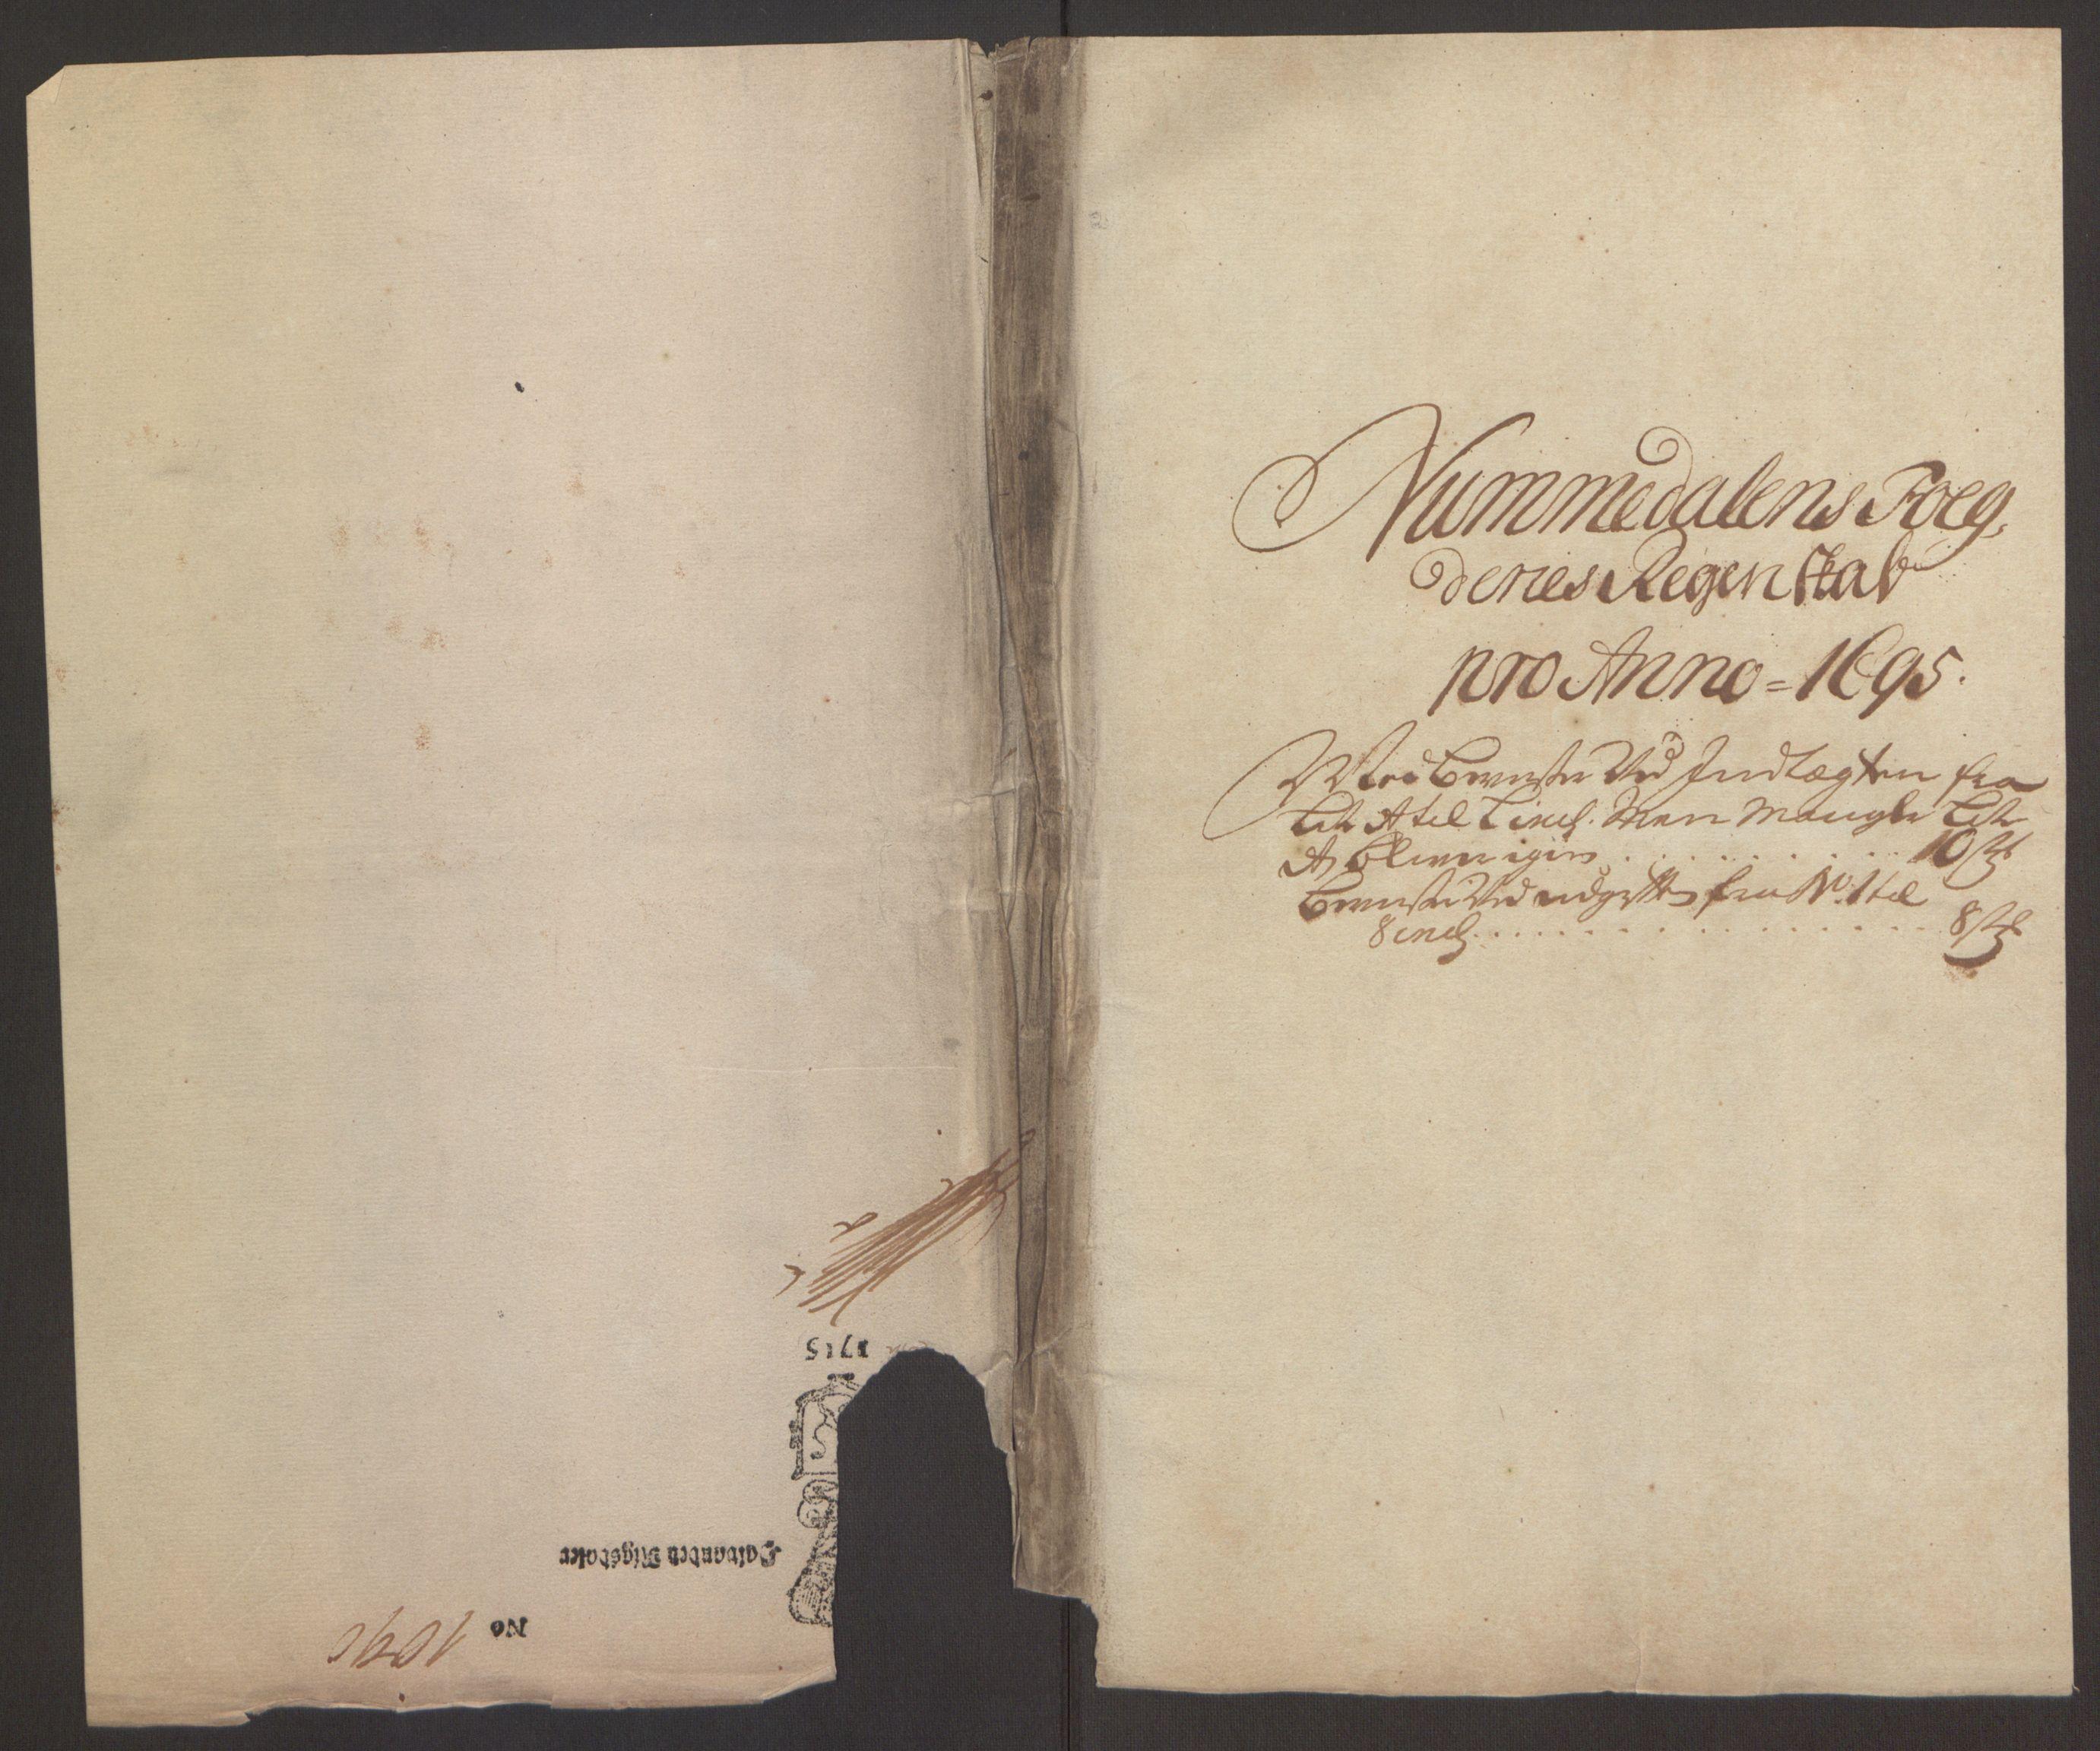 RA, Rentekammeret inntil 1814, Reviderte regnskaper, Fogderegnskap, R64/L4424: Fogderegnskap Namdal, 1692-1695, s. 451